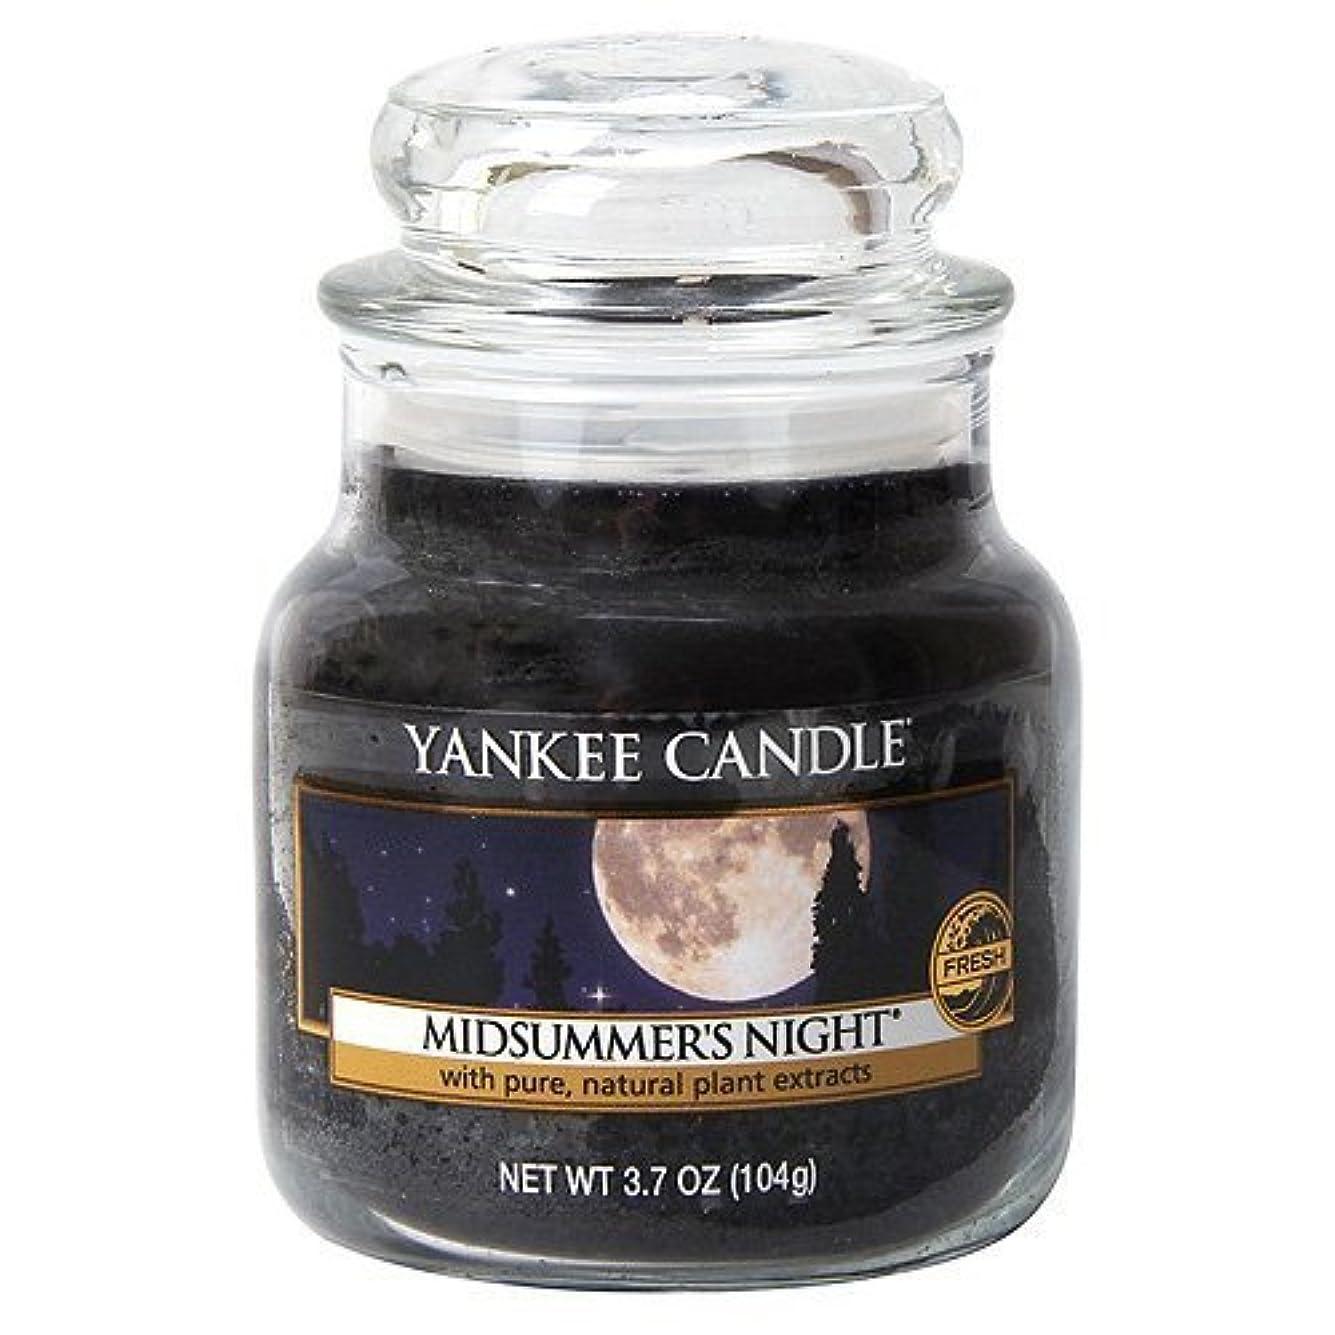 人里離れた不純喜劇Yankee Candle Midsummer's Night Small Jar Candle, Fresh Scent by Yankee Candle [並行輸入品]